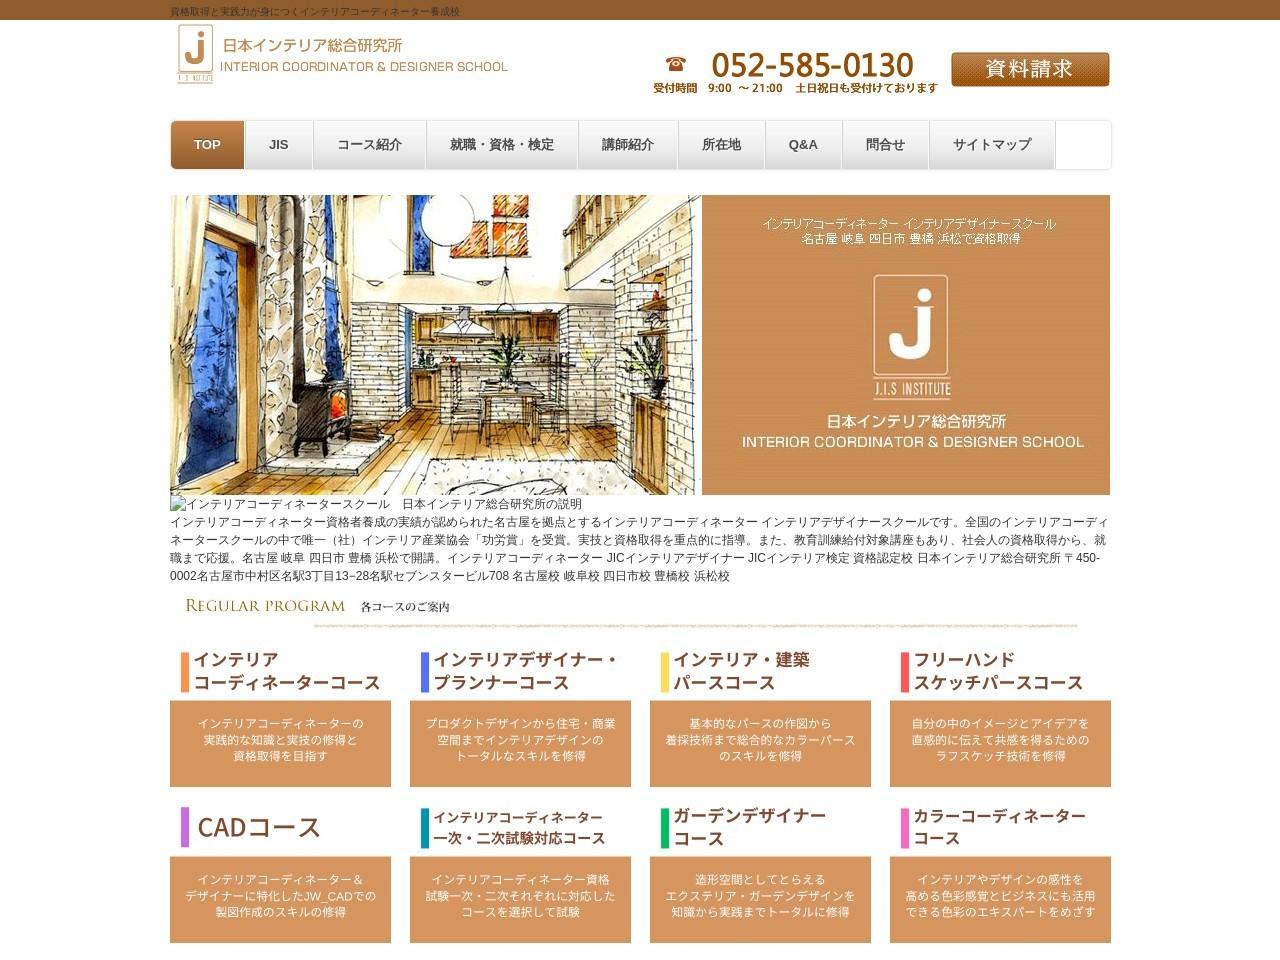 日本インテリア総合研究所インテリアコーディネーター&インテリアデザイナースクール